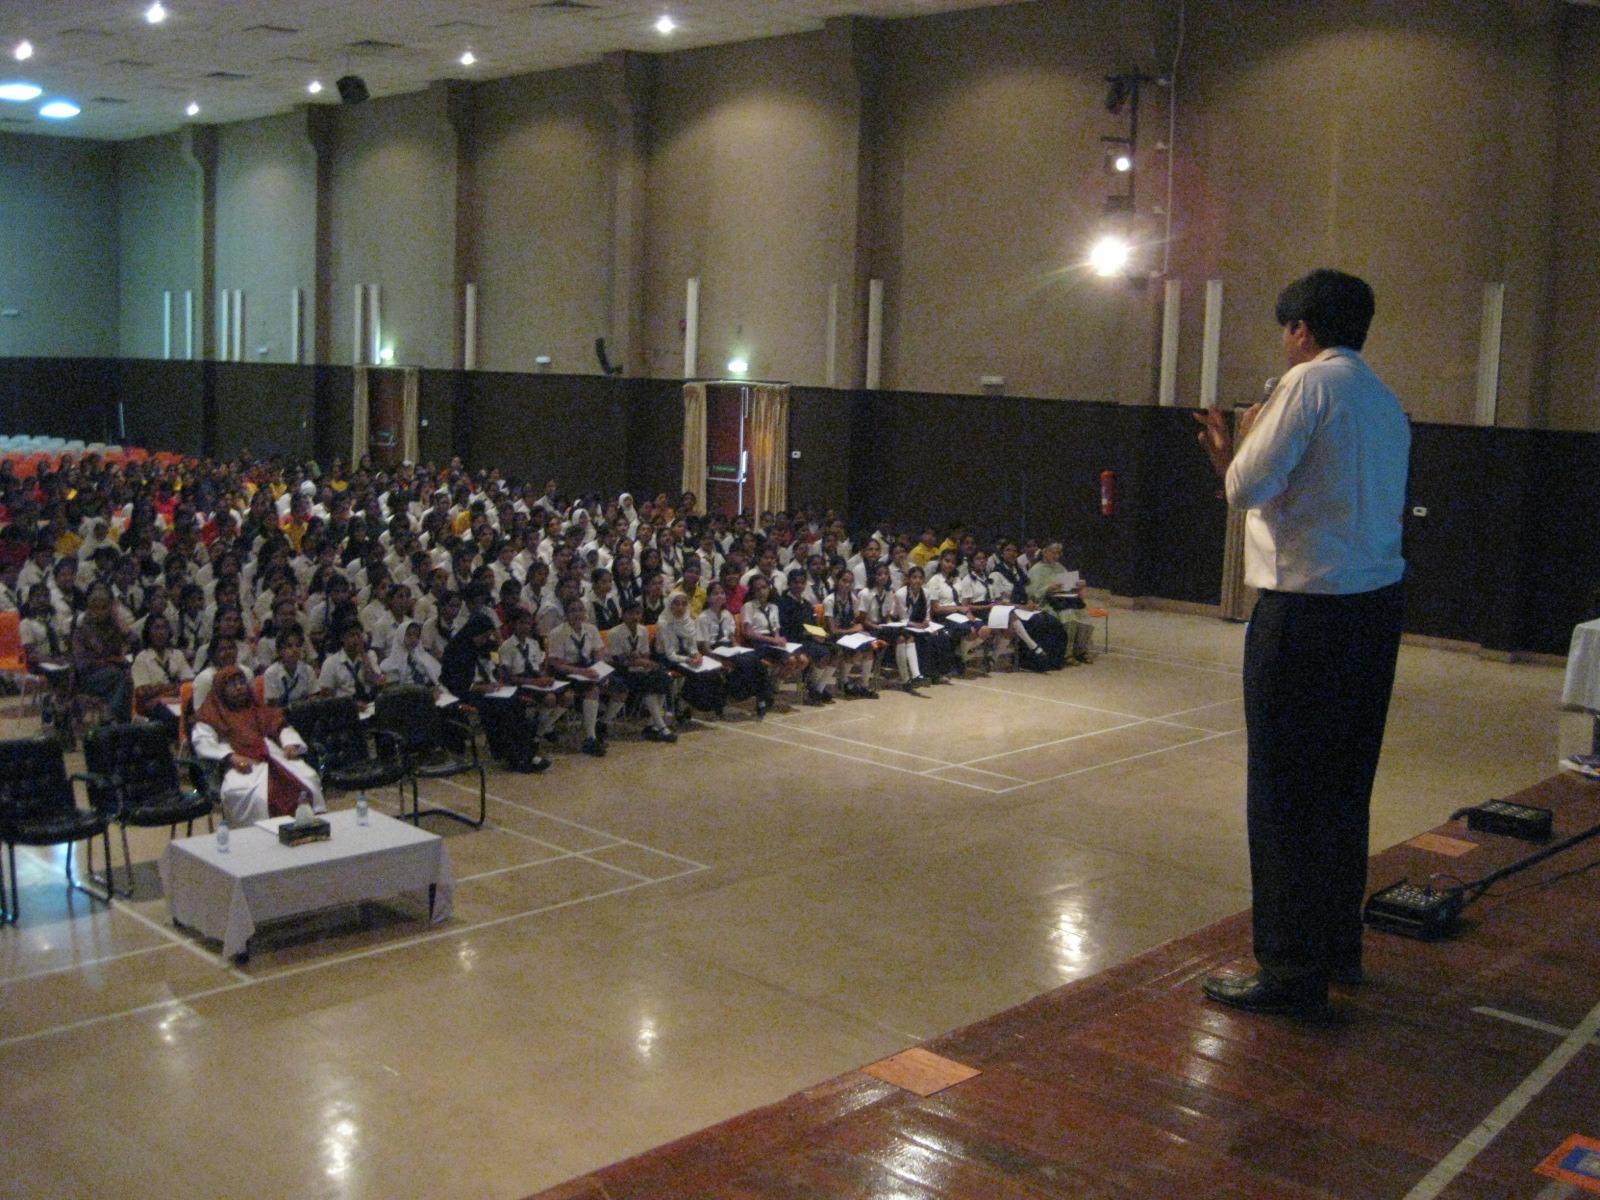 Dhaval Bathia explaining a memory trick